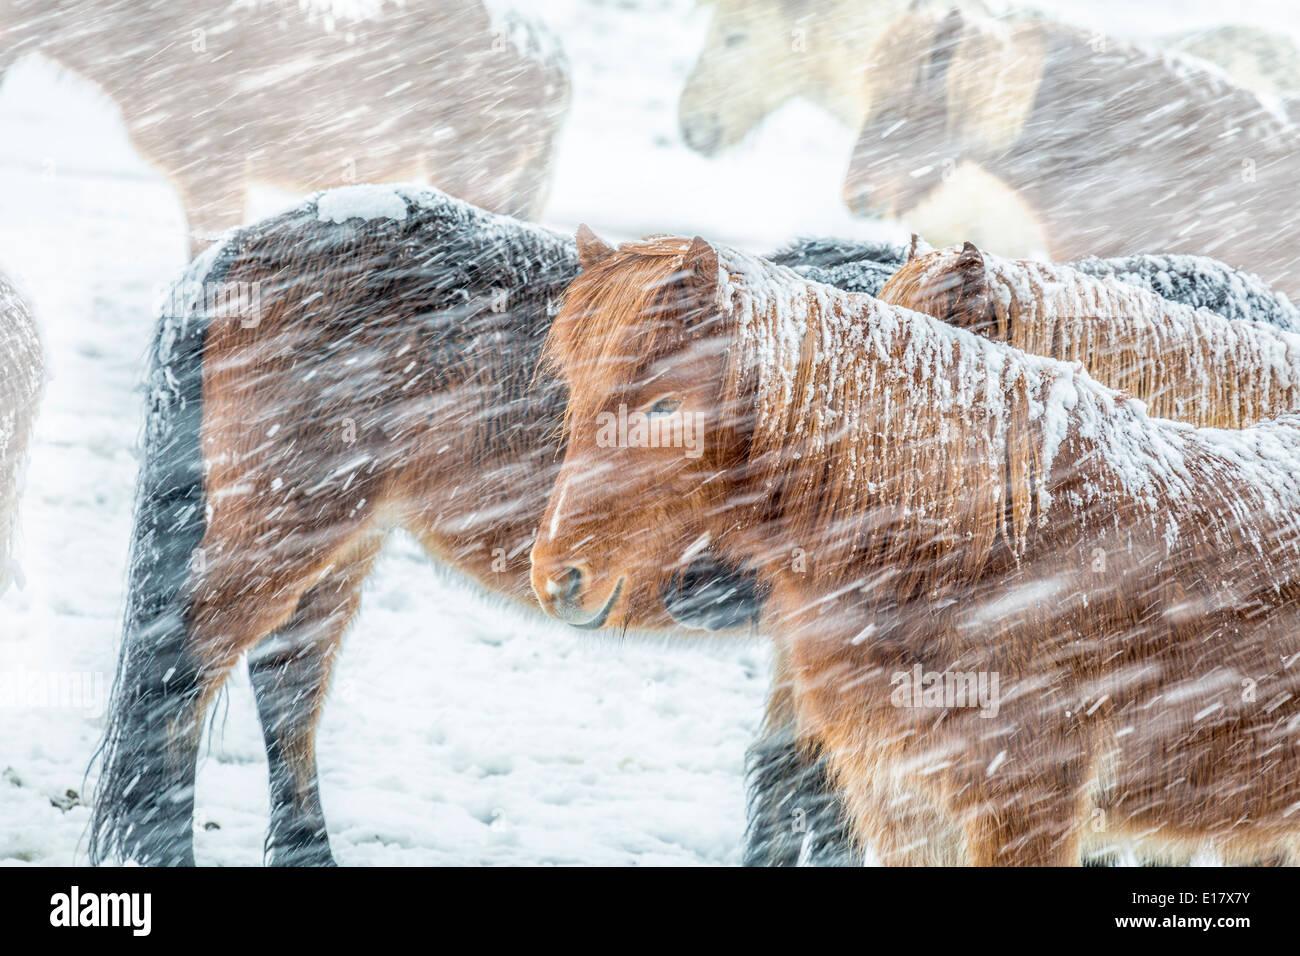 Islandpferde außerhalb während eines Schneesturms Winter, Island Stockfoto